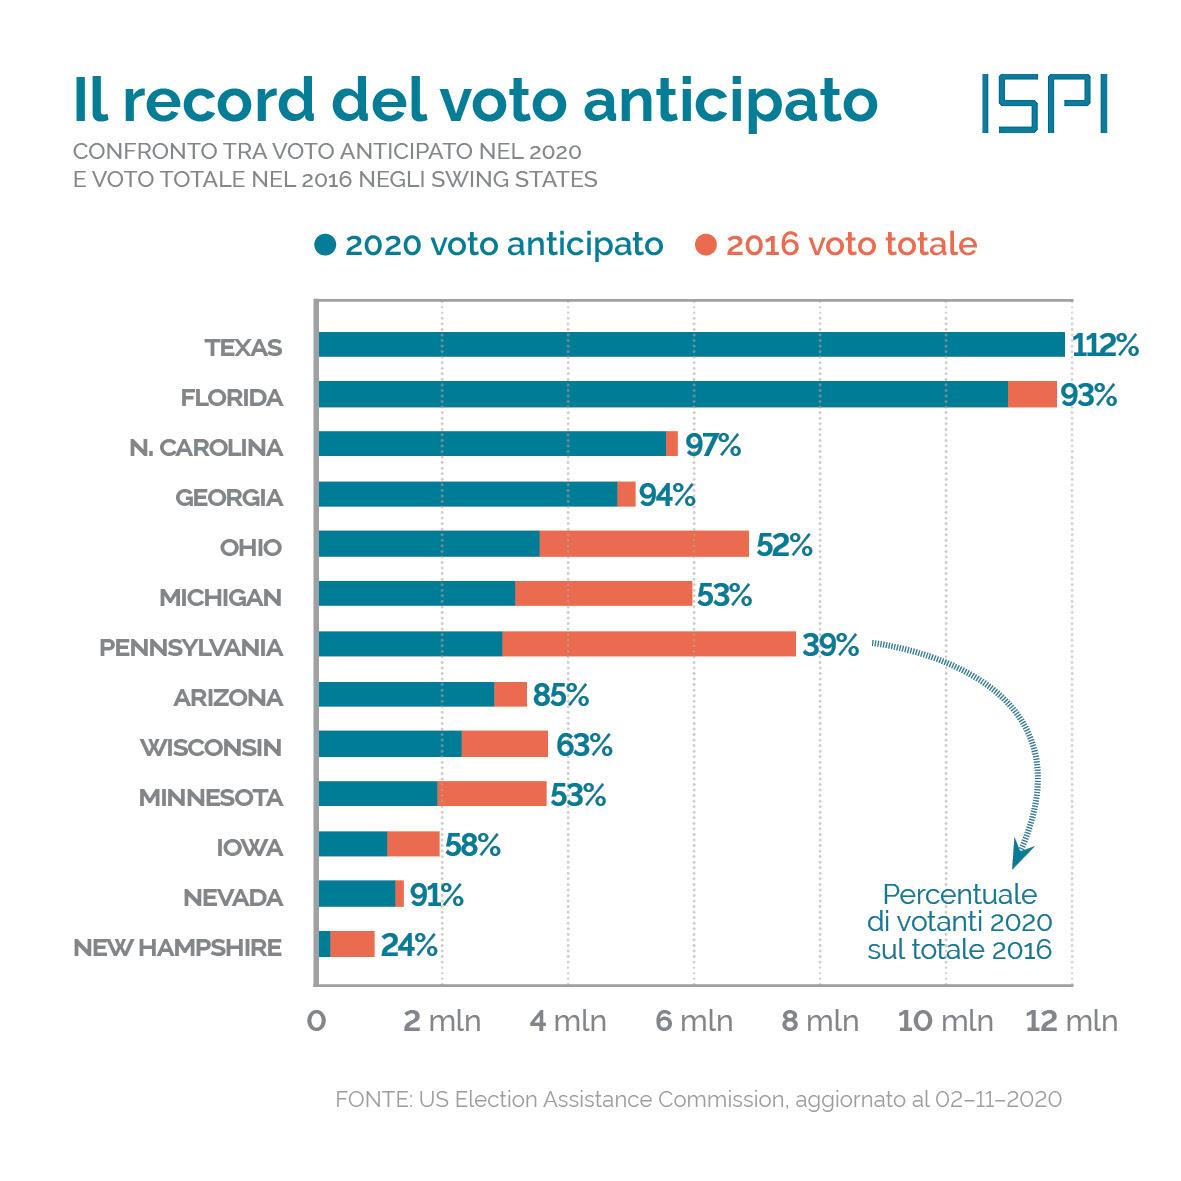 https://campaign-image.eu/zohocampaigns/28716000058554483_zc_v57_1604337837700_grafico_2___usa2020___voto_per_posta___aggiornamento.jpg